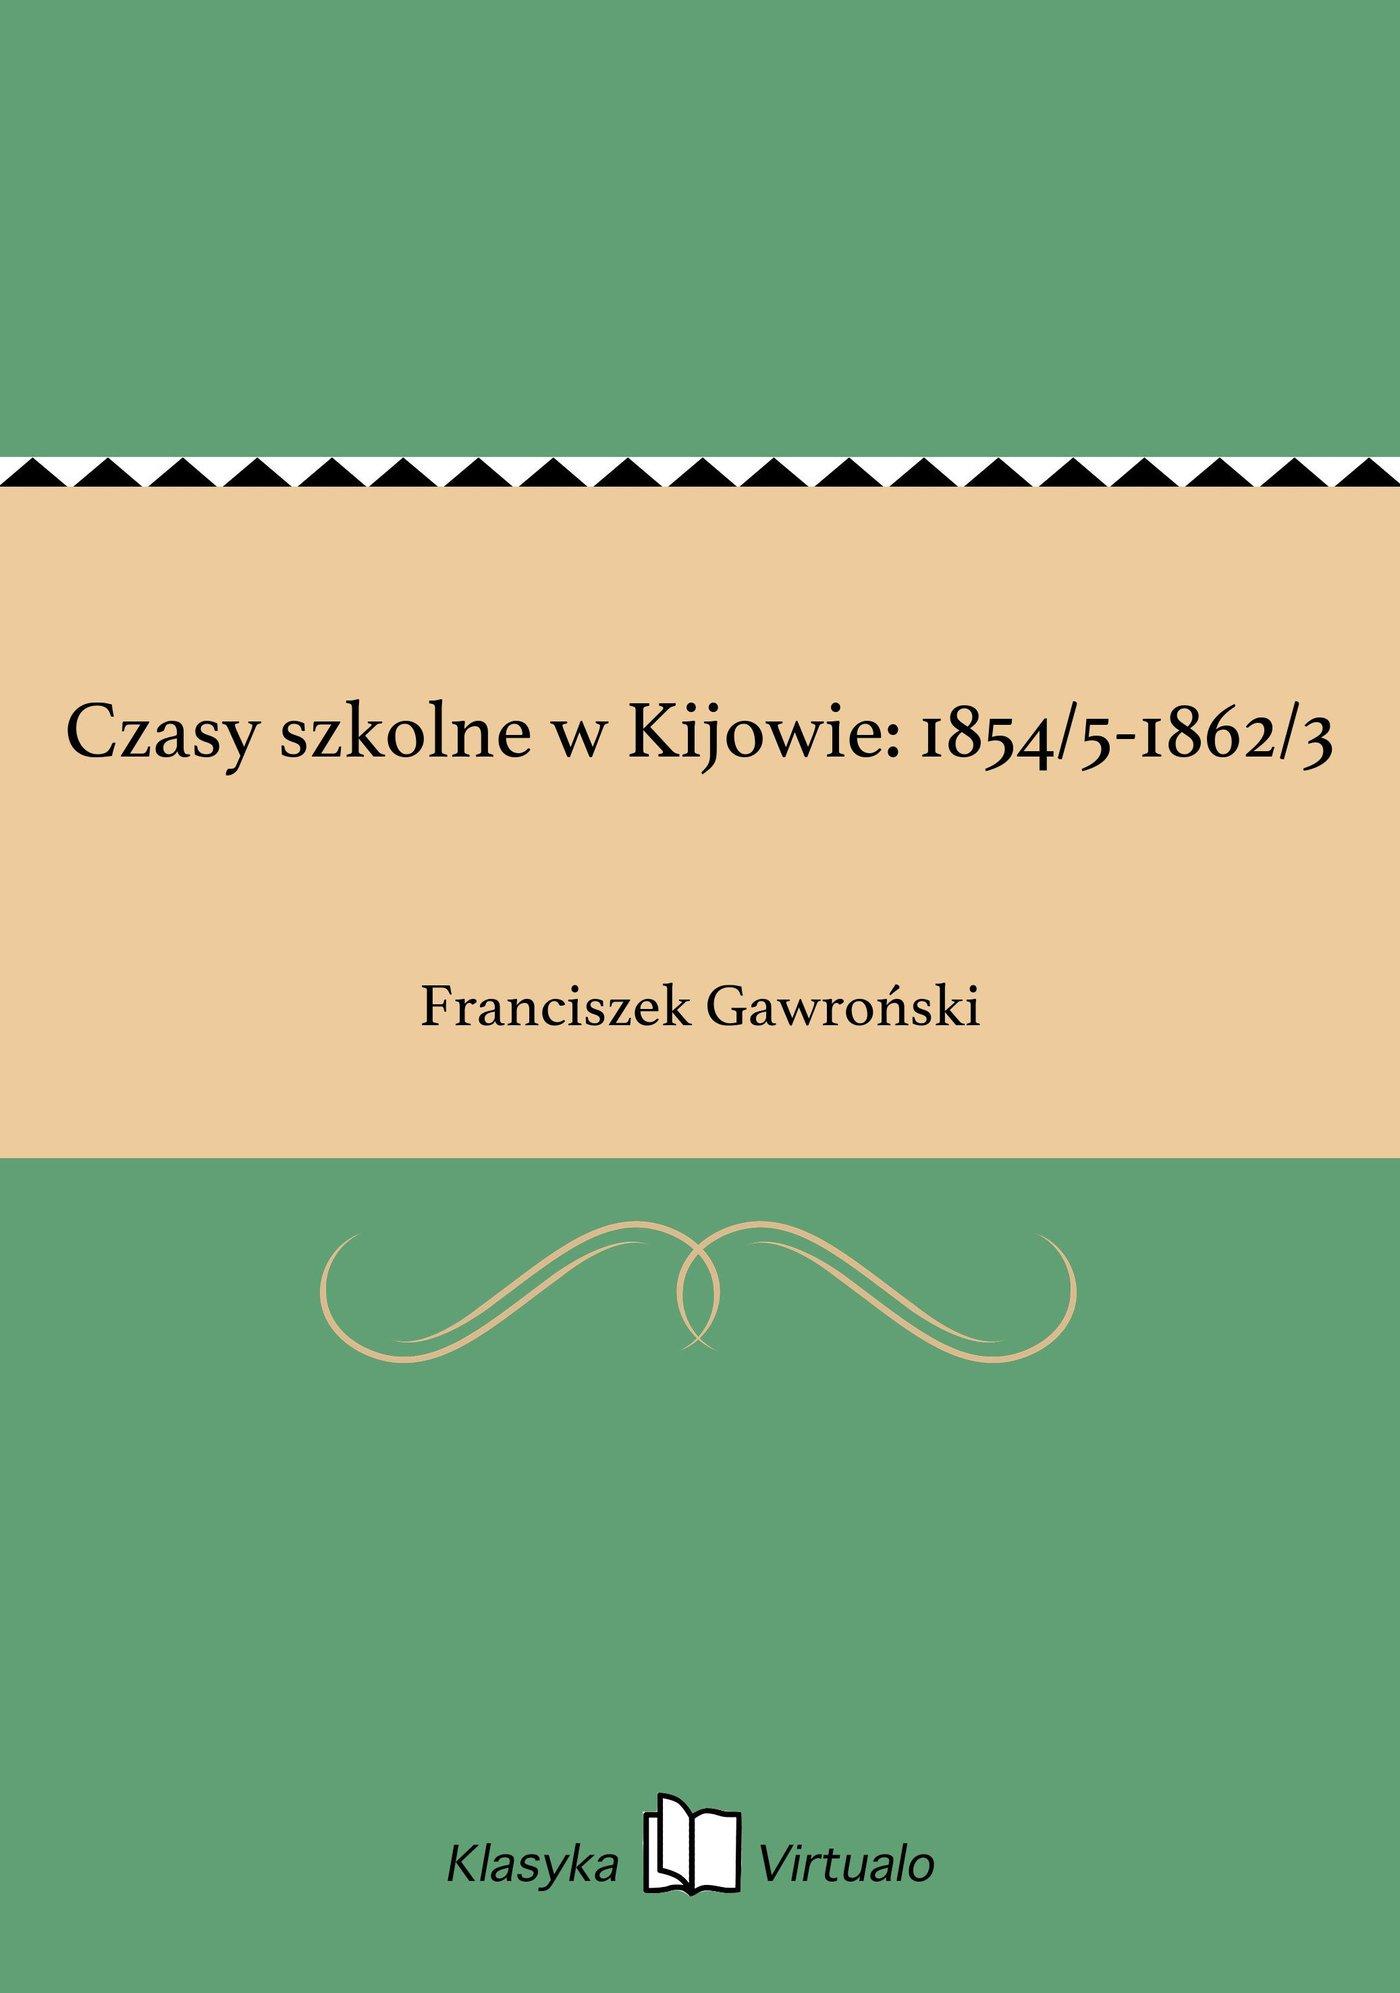 Czasy szkolne w Kijowie: 1854/5-1862/3 - Ebook (Książka EPUB) do pobrania w formacie EPUB